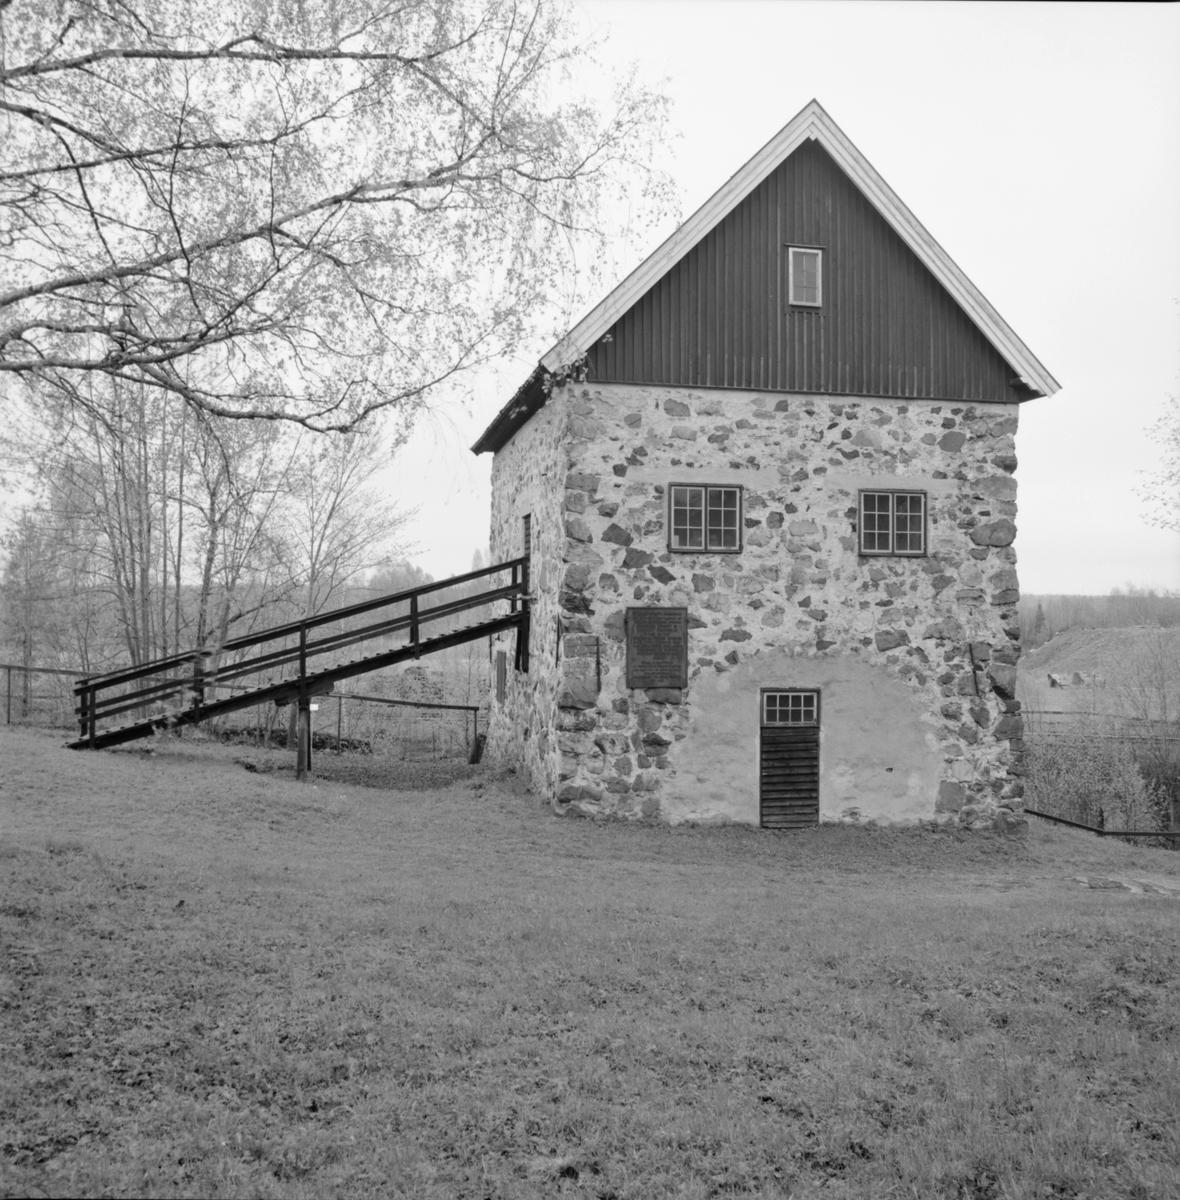 """Maskinhus uppfört 1727 för Mårten Triewalds """"eld- och luftmaskin"""", Dannemora Gruvor AB, Dannemora, Uppland maj 1991"""